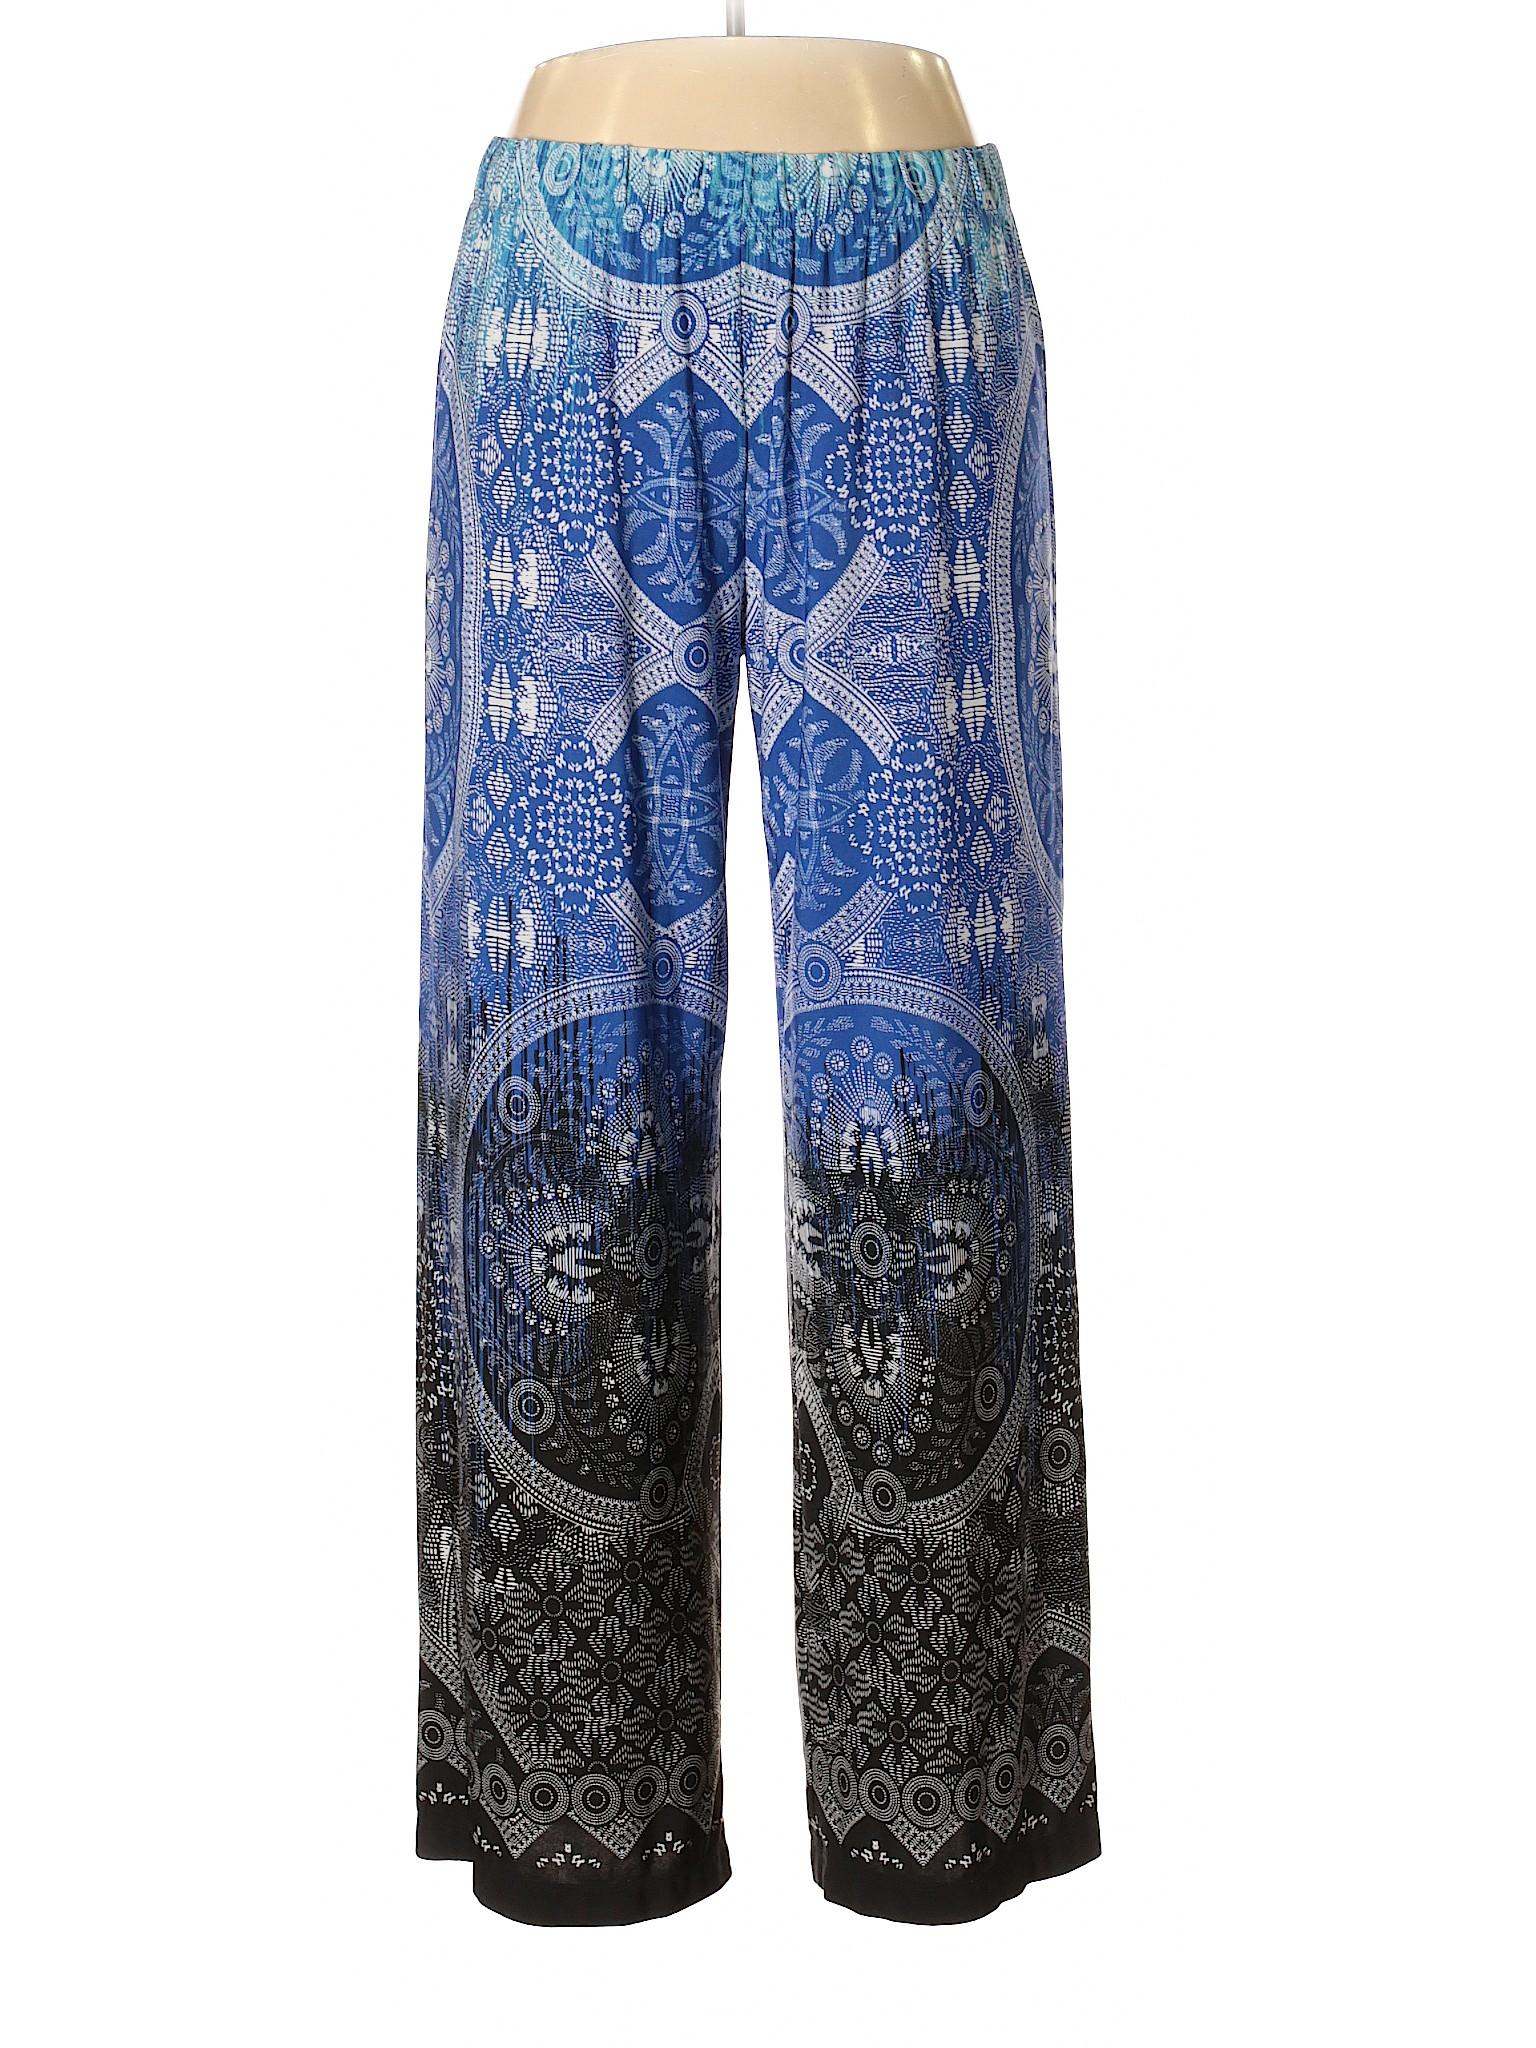 Boutique Winter Boutique Pants Rafaella Winter Rafaella Casual Pants Rafaella Winter Casual Boutique raIqr